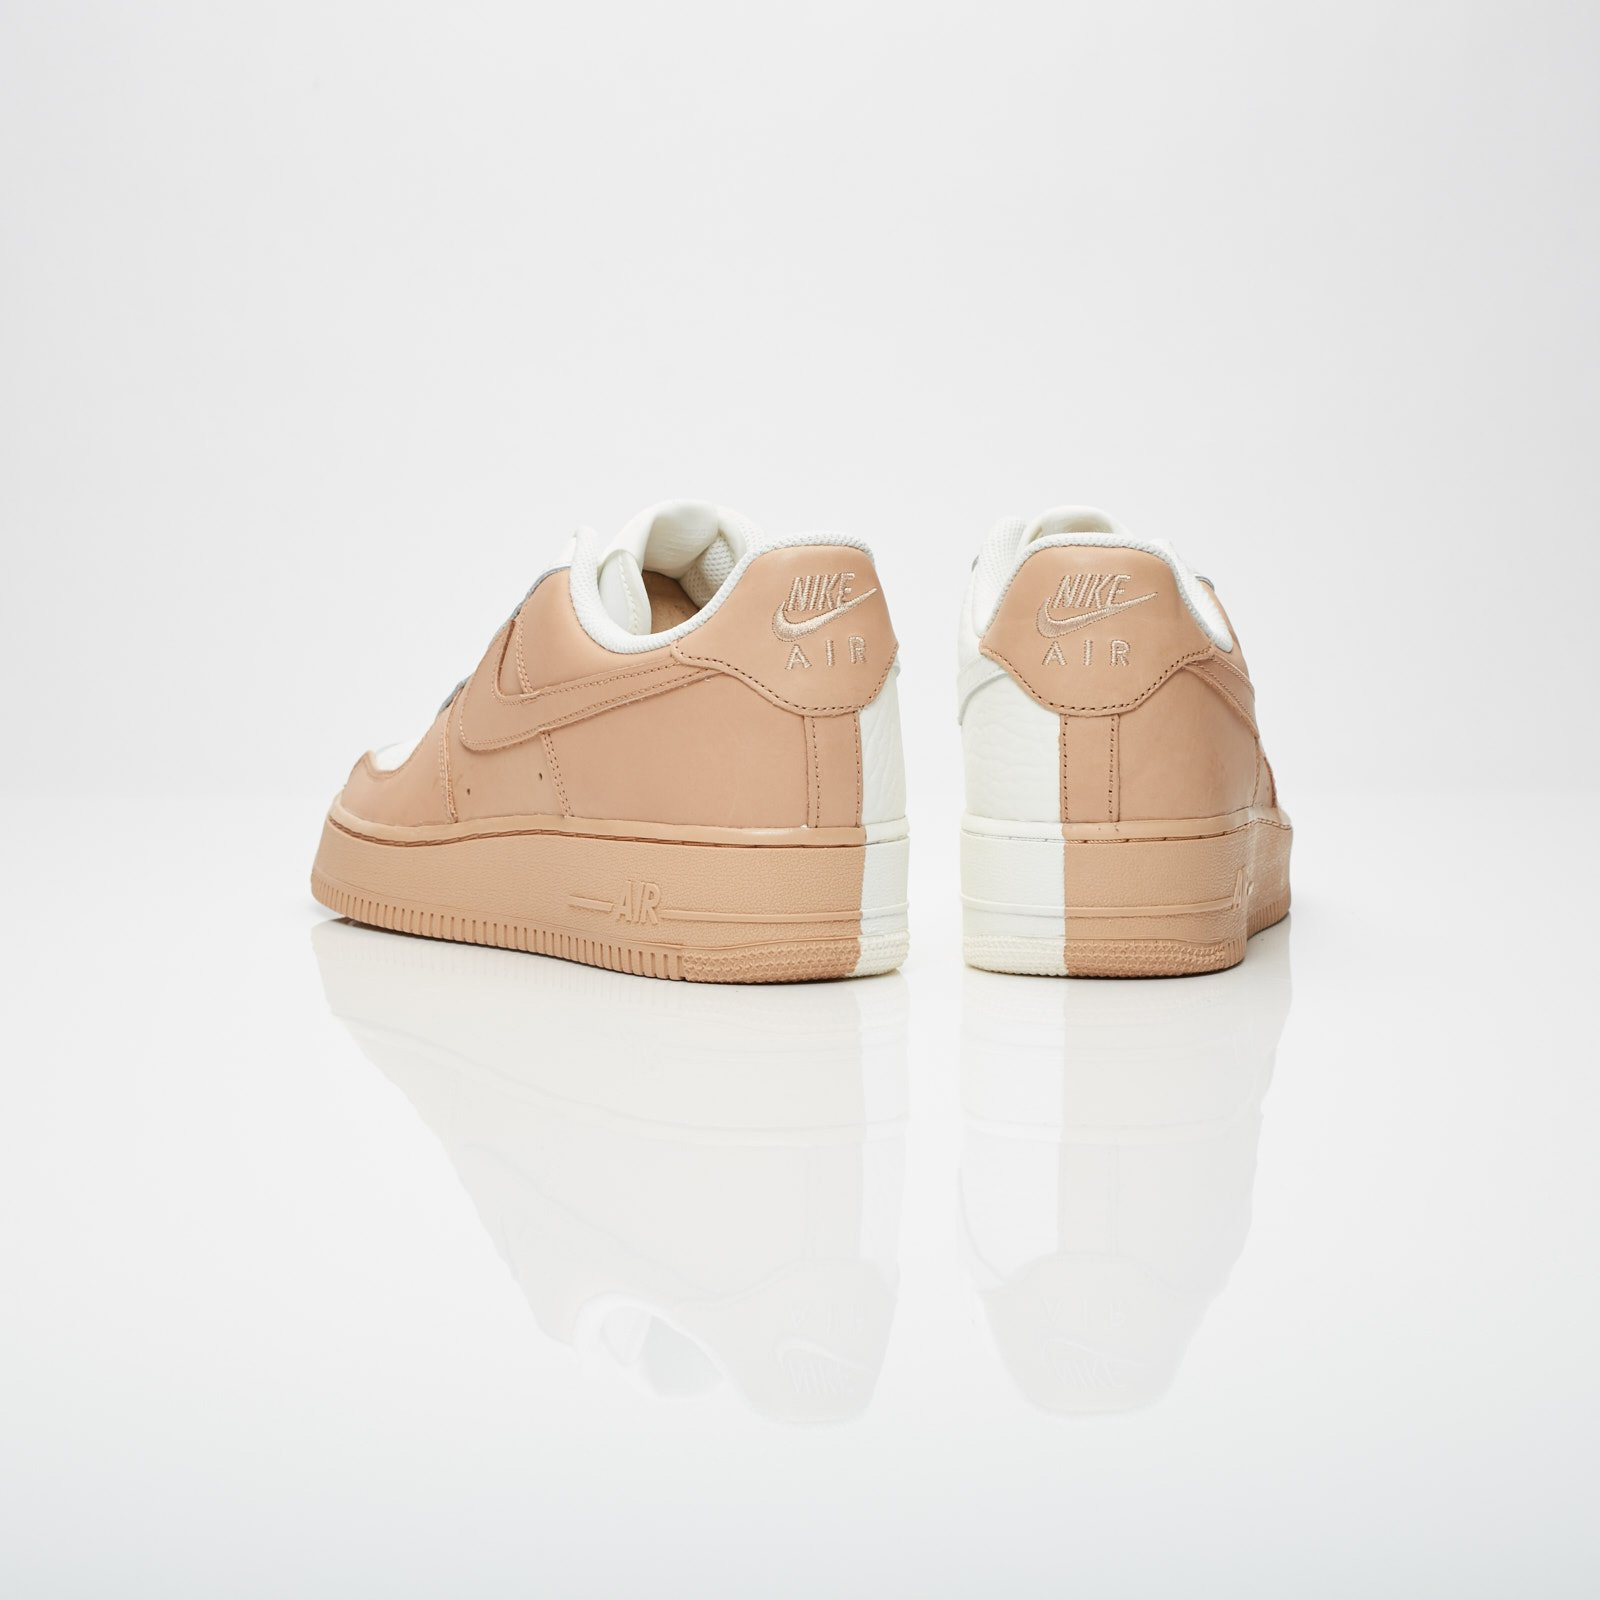 673ca518845 Nike Air Force 1 07 Premium - 905345-105 - Sneakersnstuff